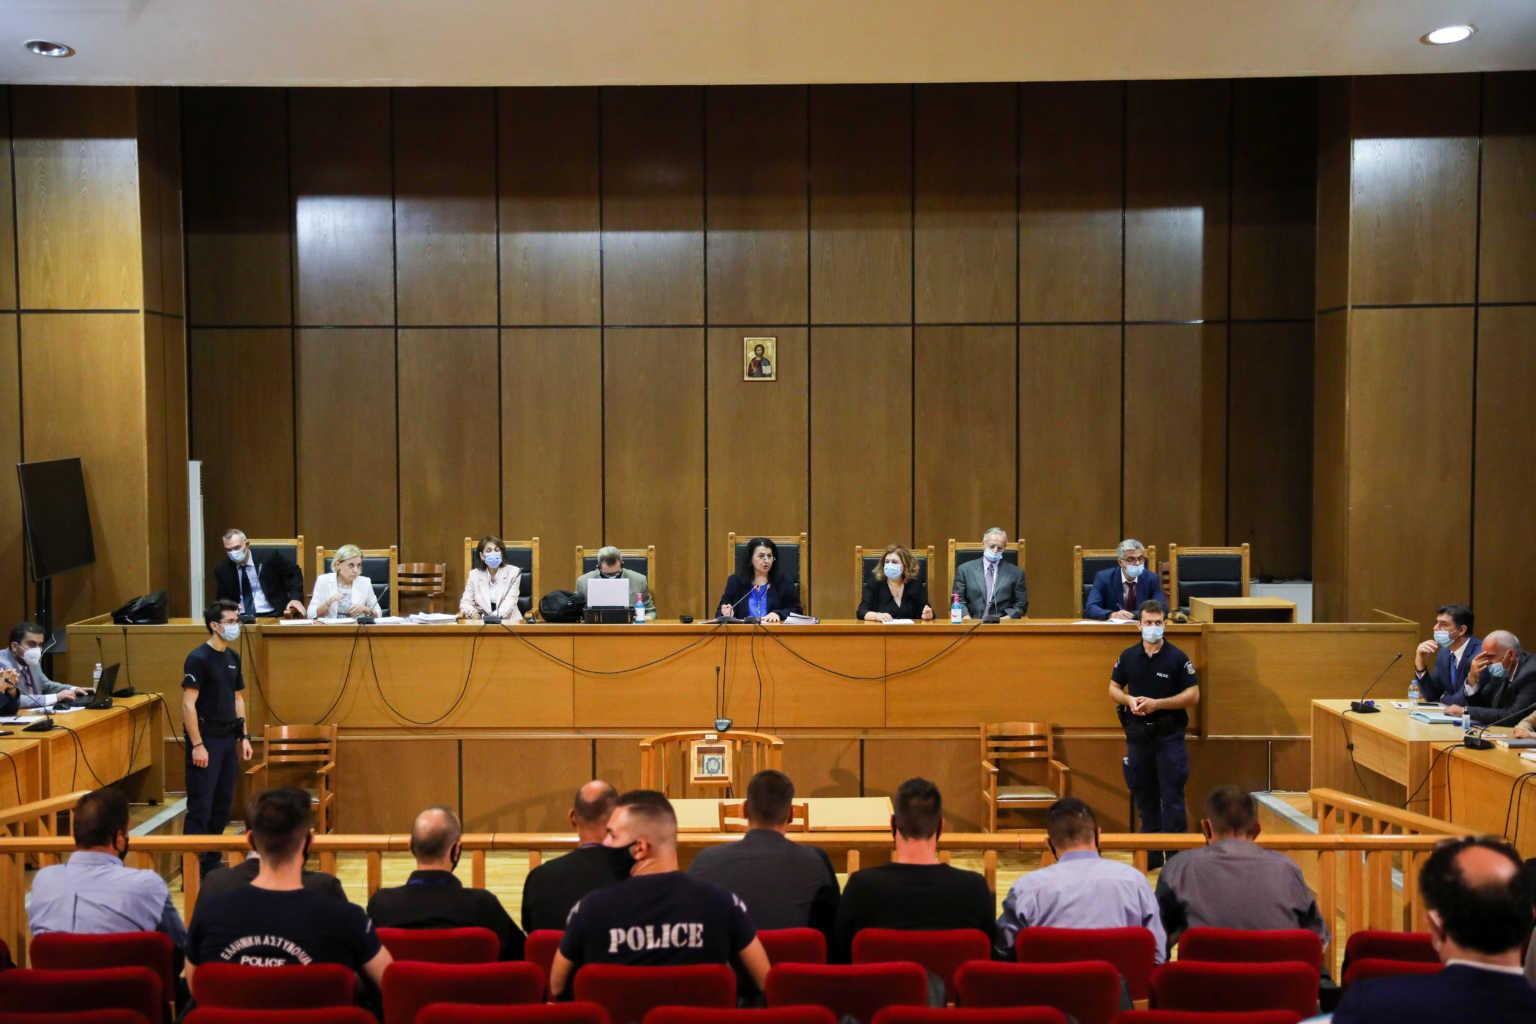 Καταδικάστηκε η Χρυσή Αυγή: Ενοχα τα πολιτικά στελέχη για ένταξη σε εγκληματική οργάνωση